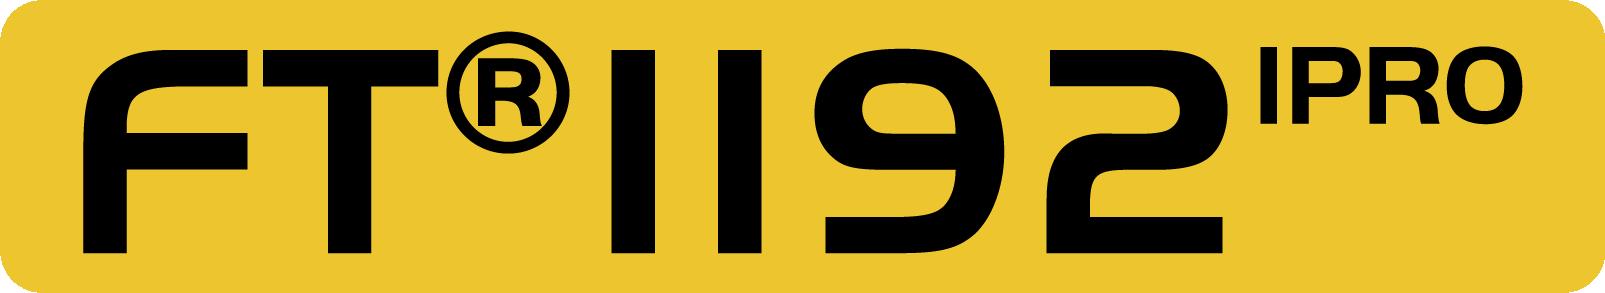 FTR 1192 IPRO